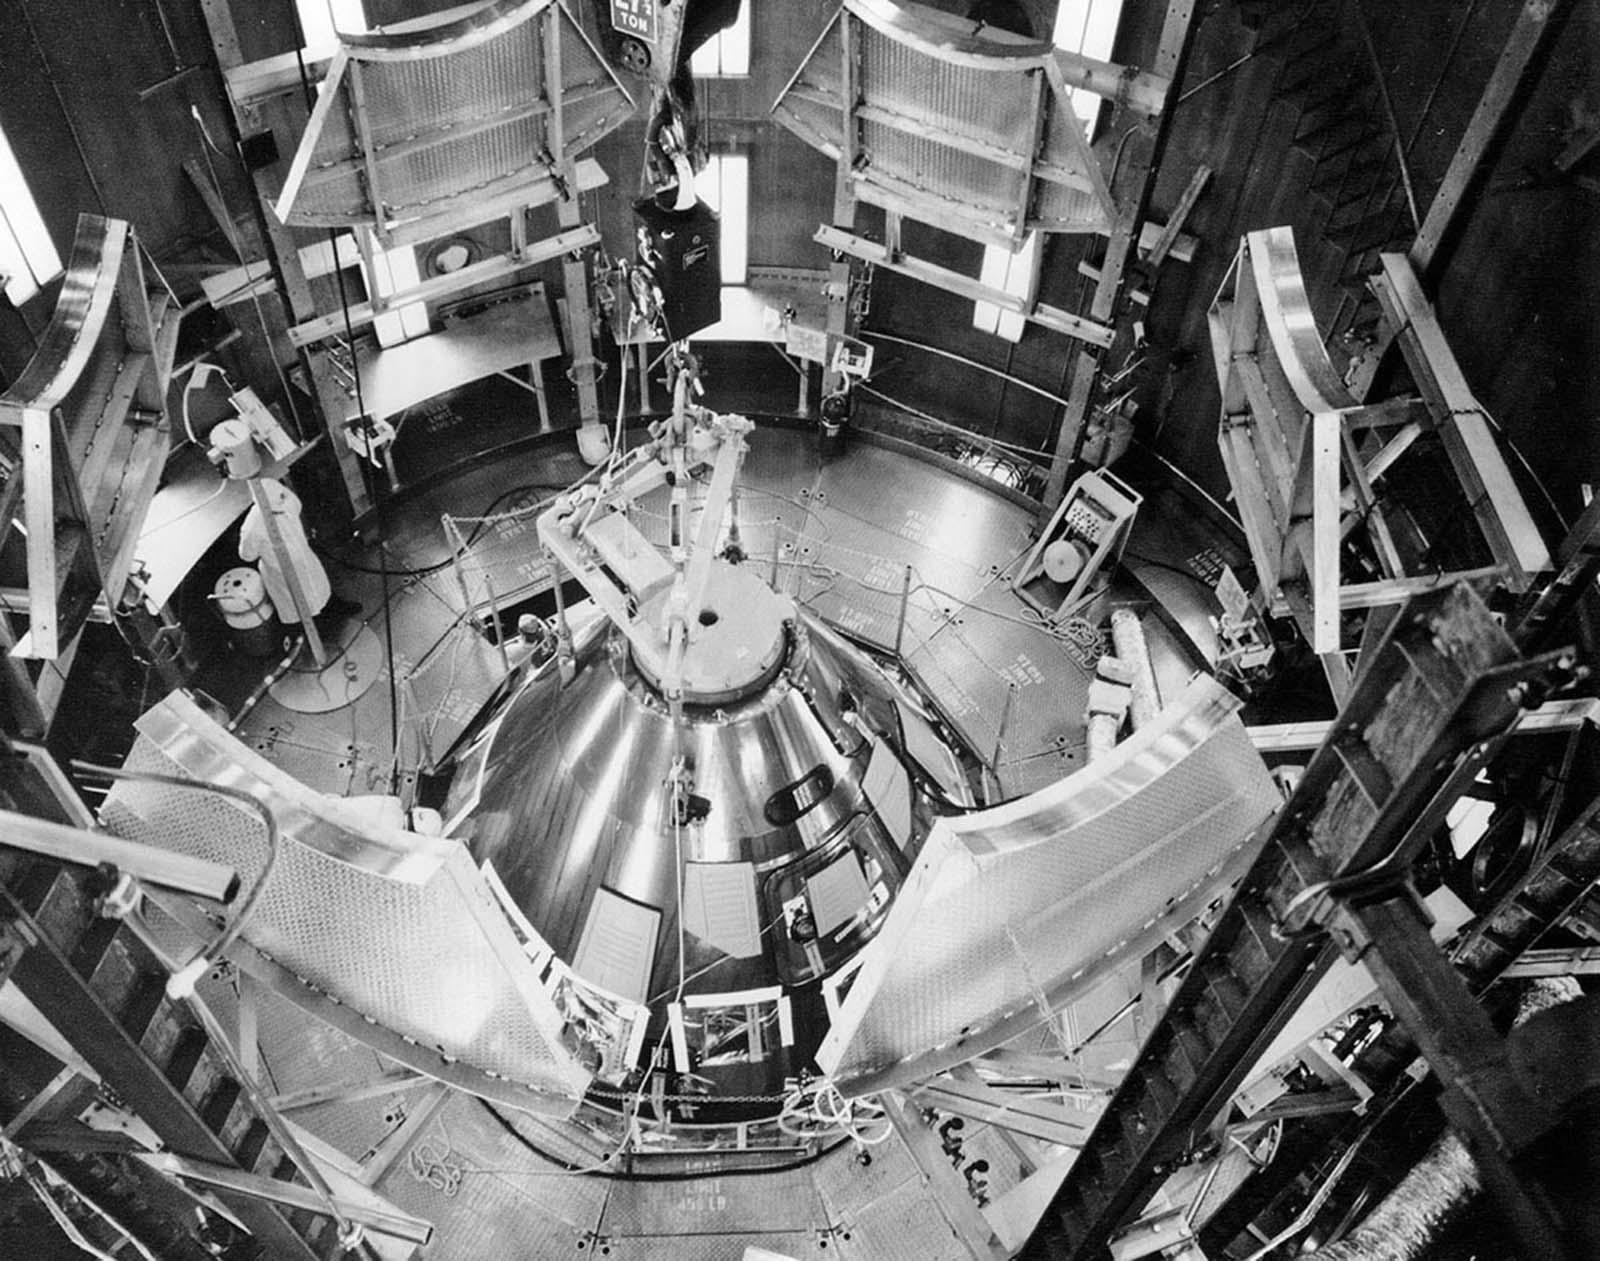 Apollo 11 preparation%2B%252826%2529 - Fotos raras da preparação de Neil Armstrong antes de ir a Lua